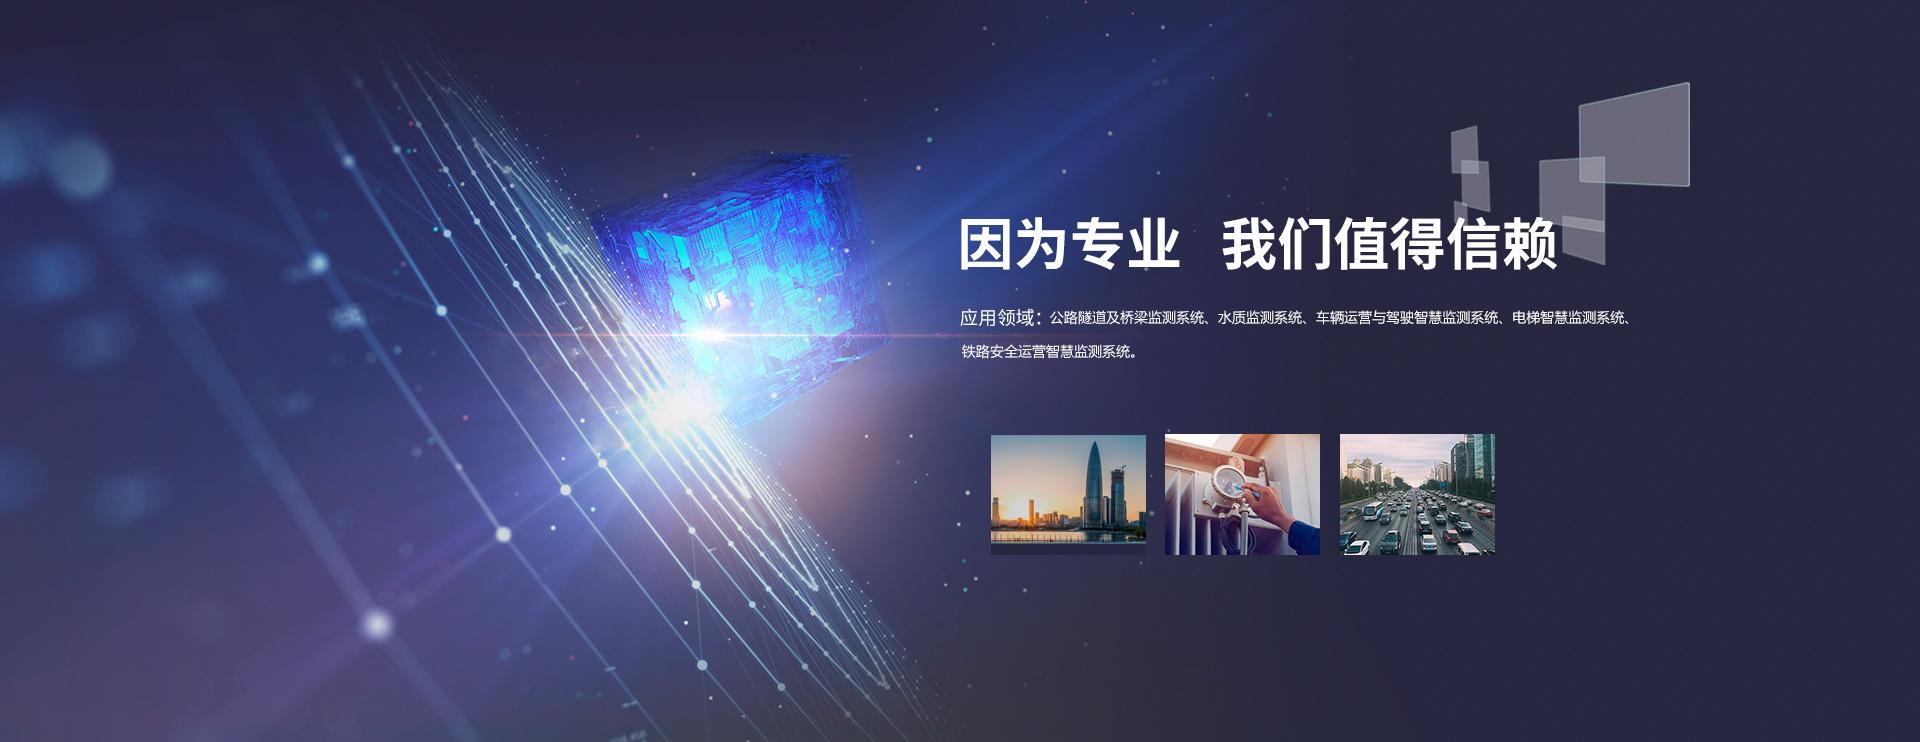 湖南久钰电子有限公司